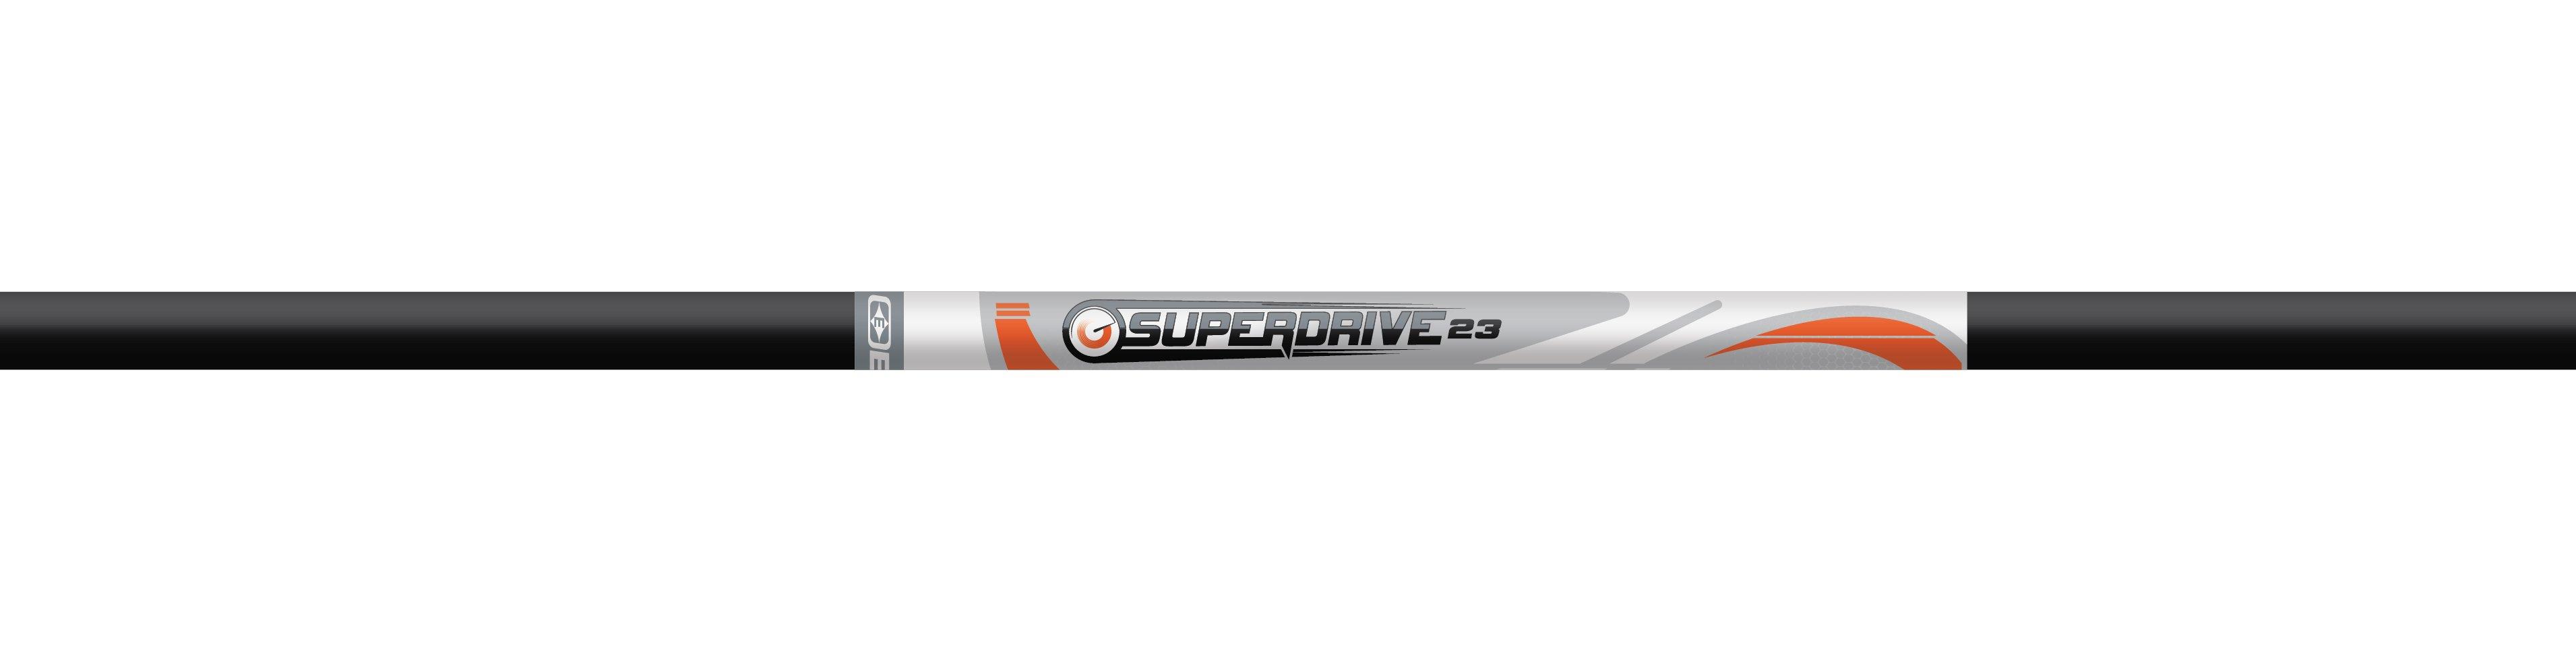 Easton Superdrive 23 Pfeilschaft 325